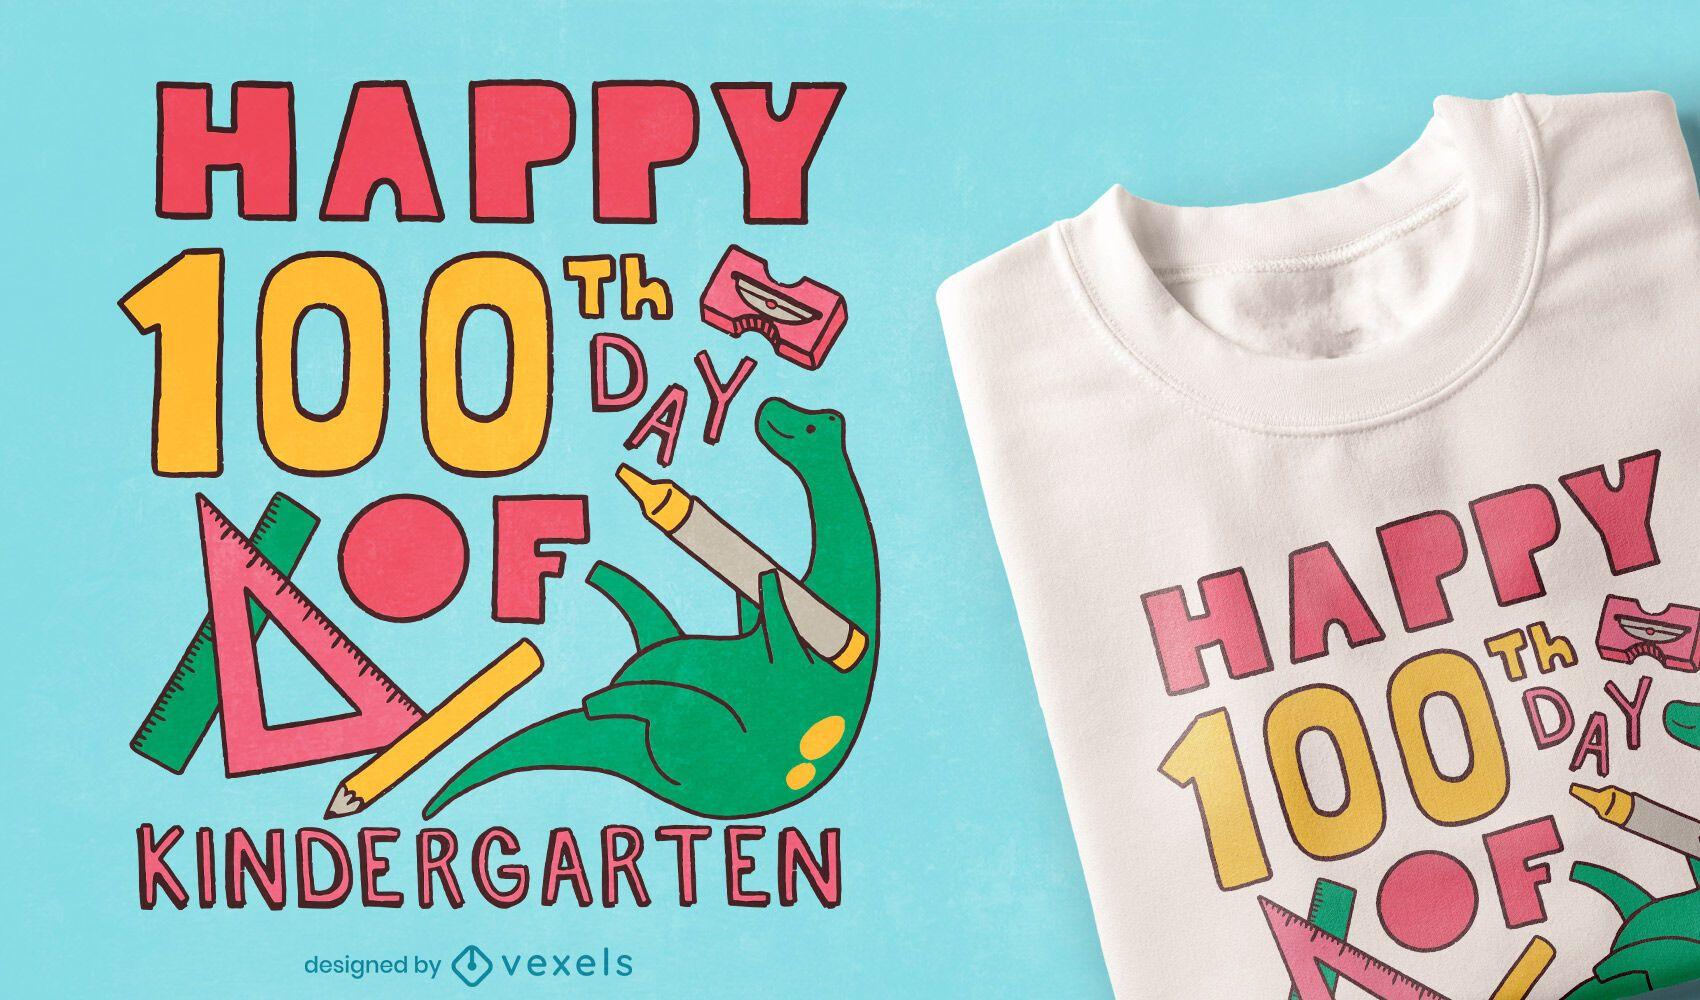 100th day kindergarten t-shirt design